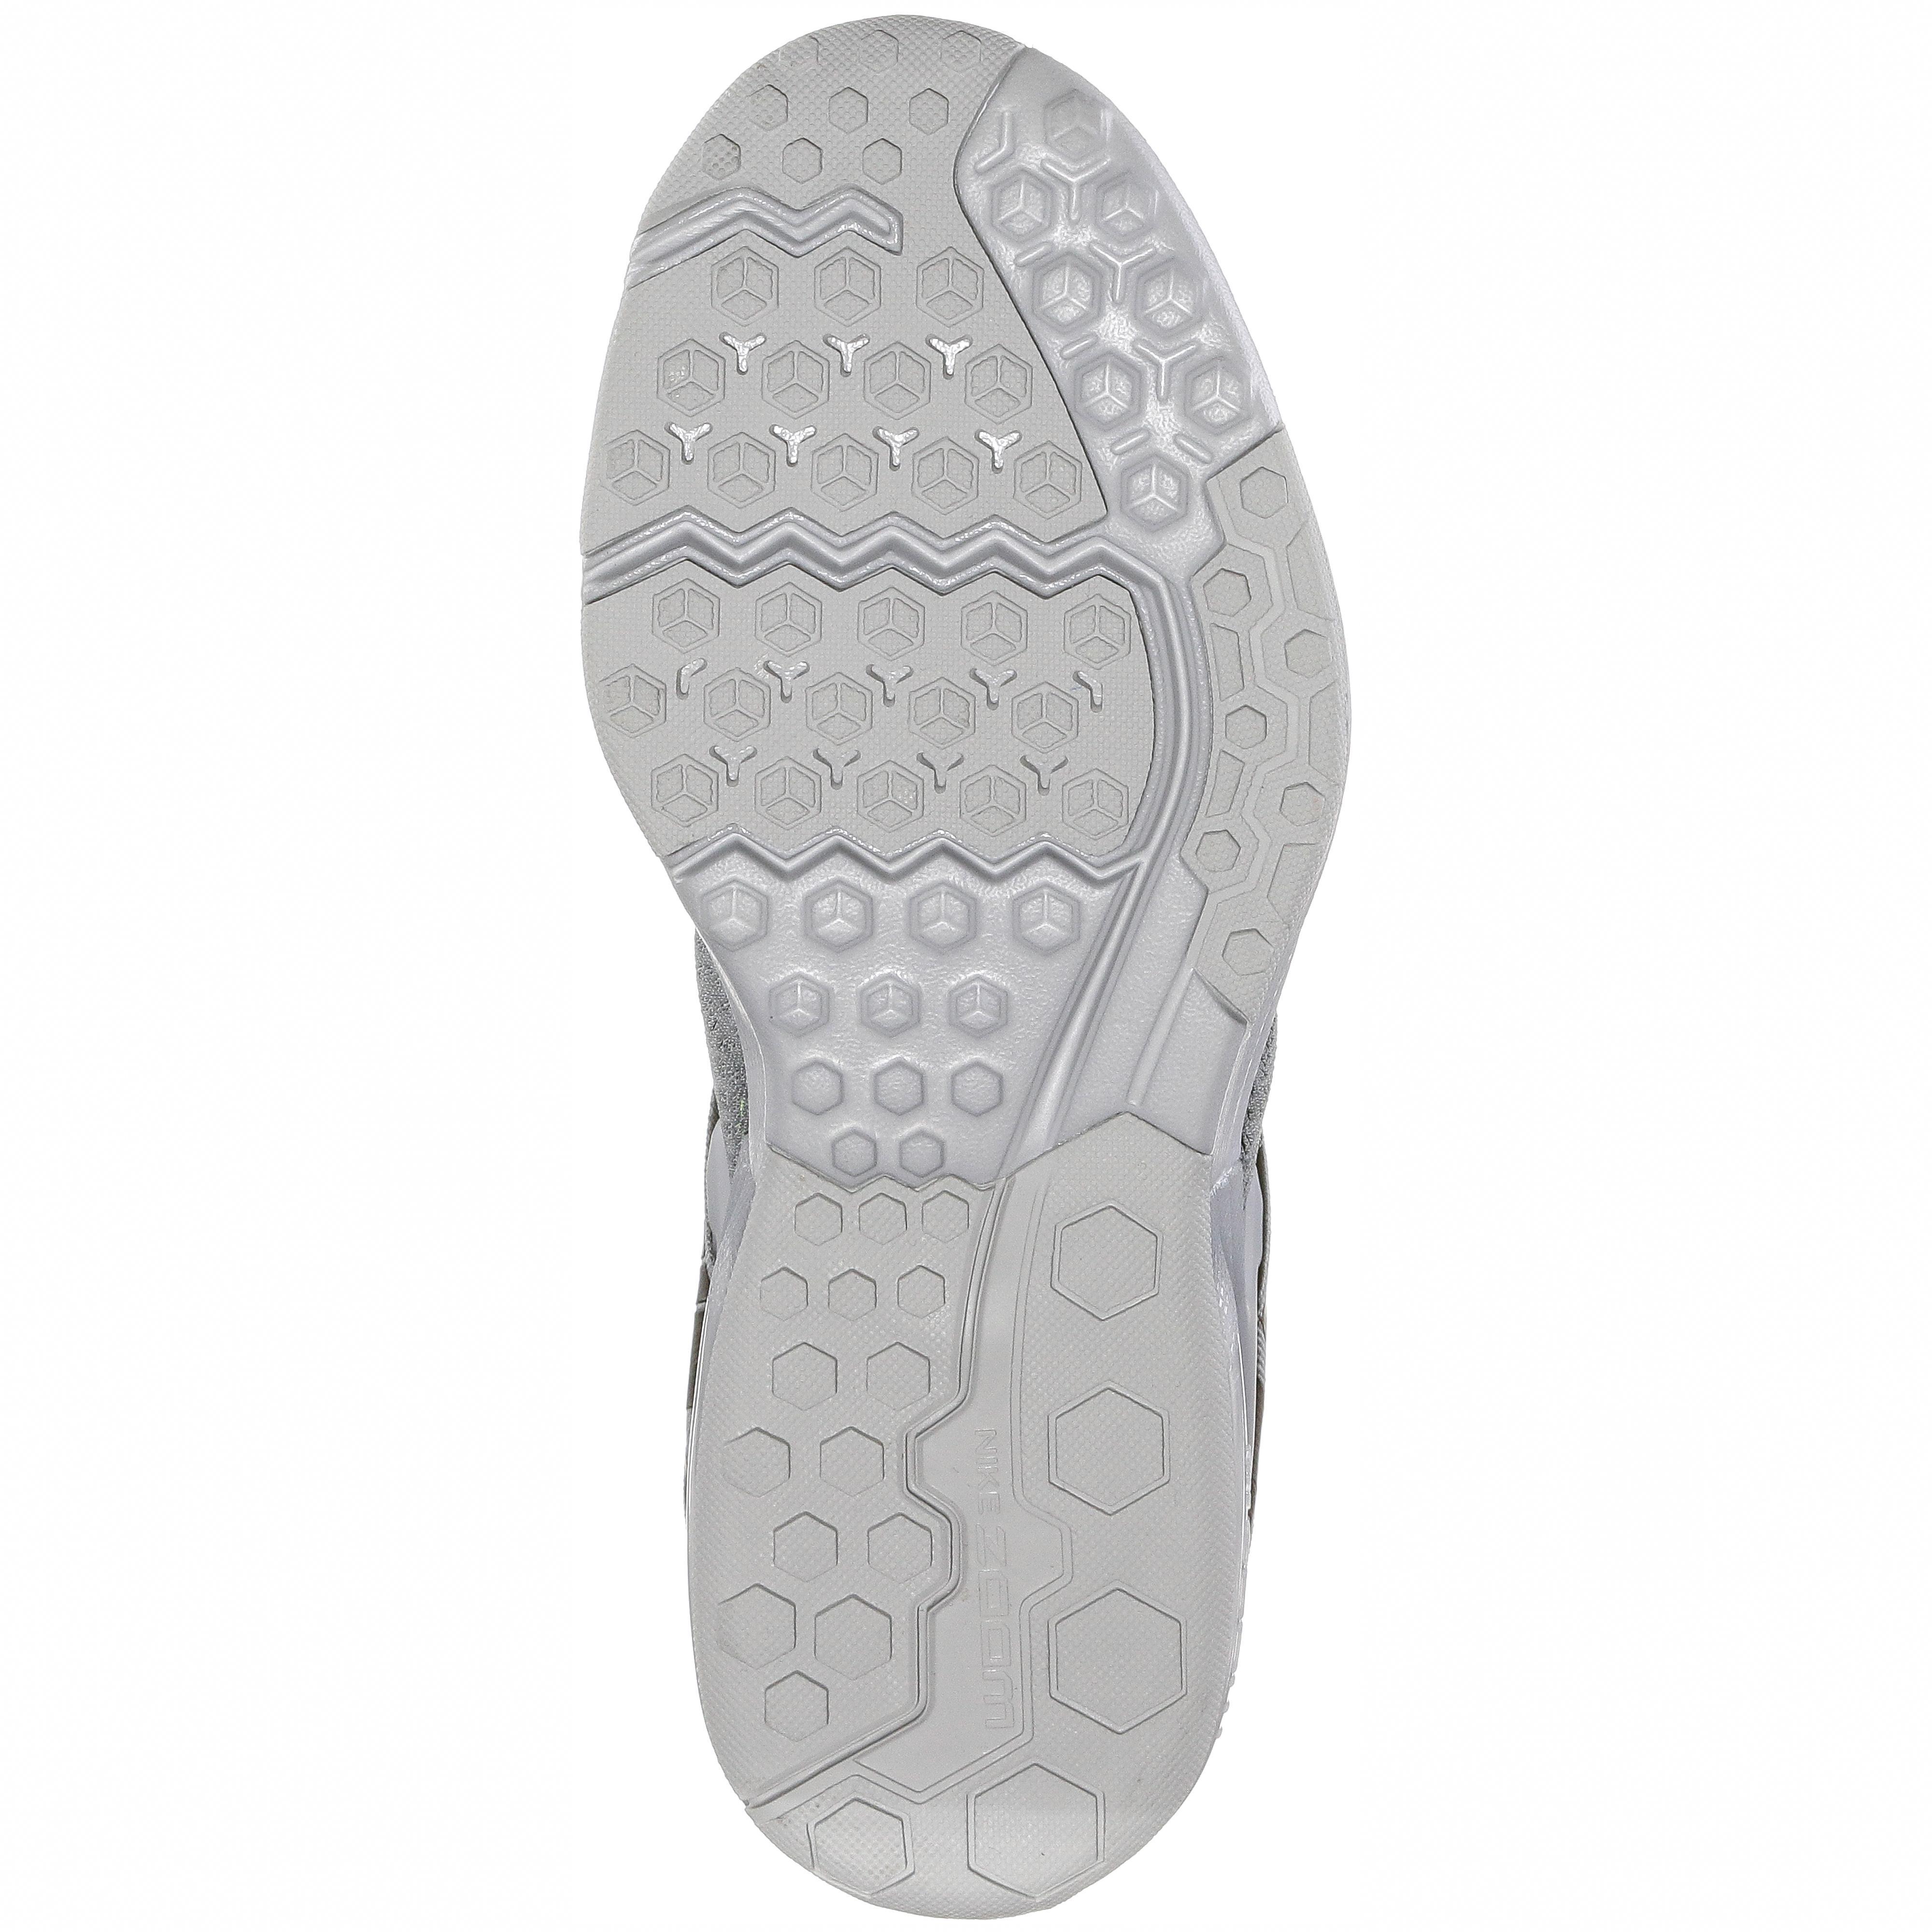 Nike Zoom Domination TR 2 Fitnessschuhe cool Herren cool Fitnessschuhe grau-schwarz-wolf grau-volt im Online Shop von SportScheck kaufen Gute Qualität beliebte Schuhe 350095